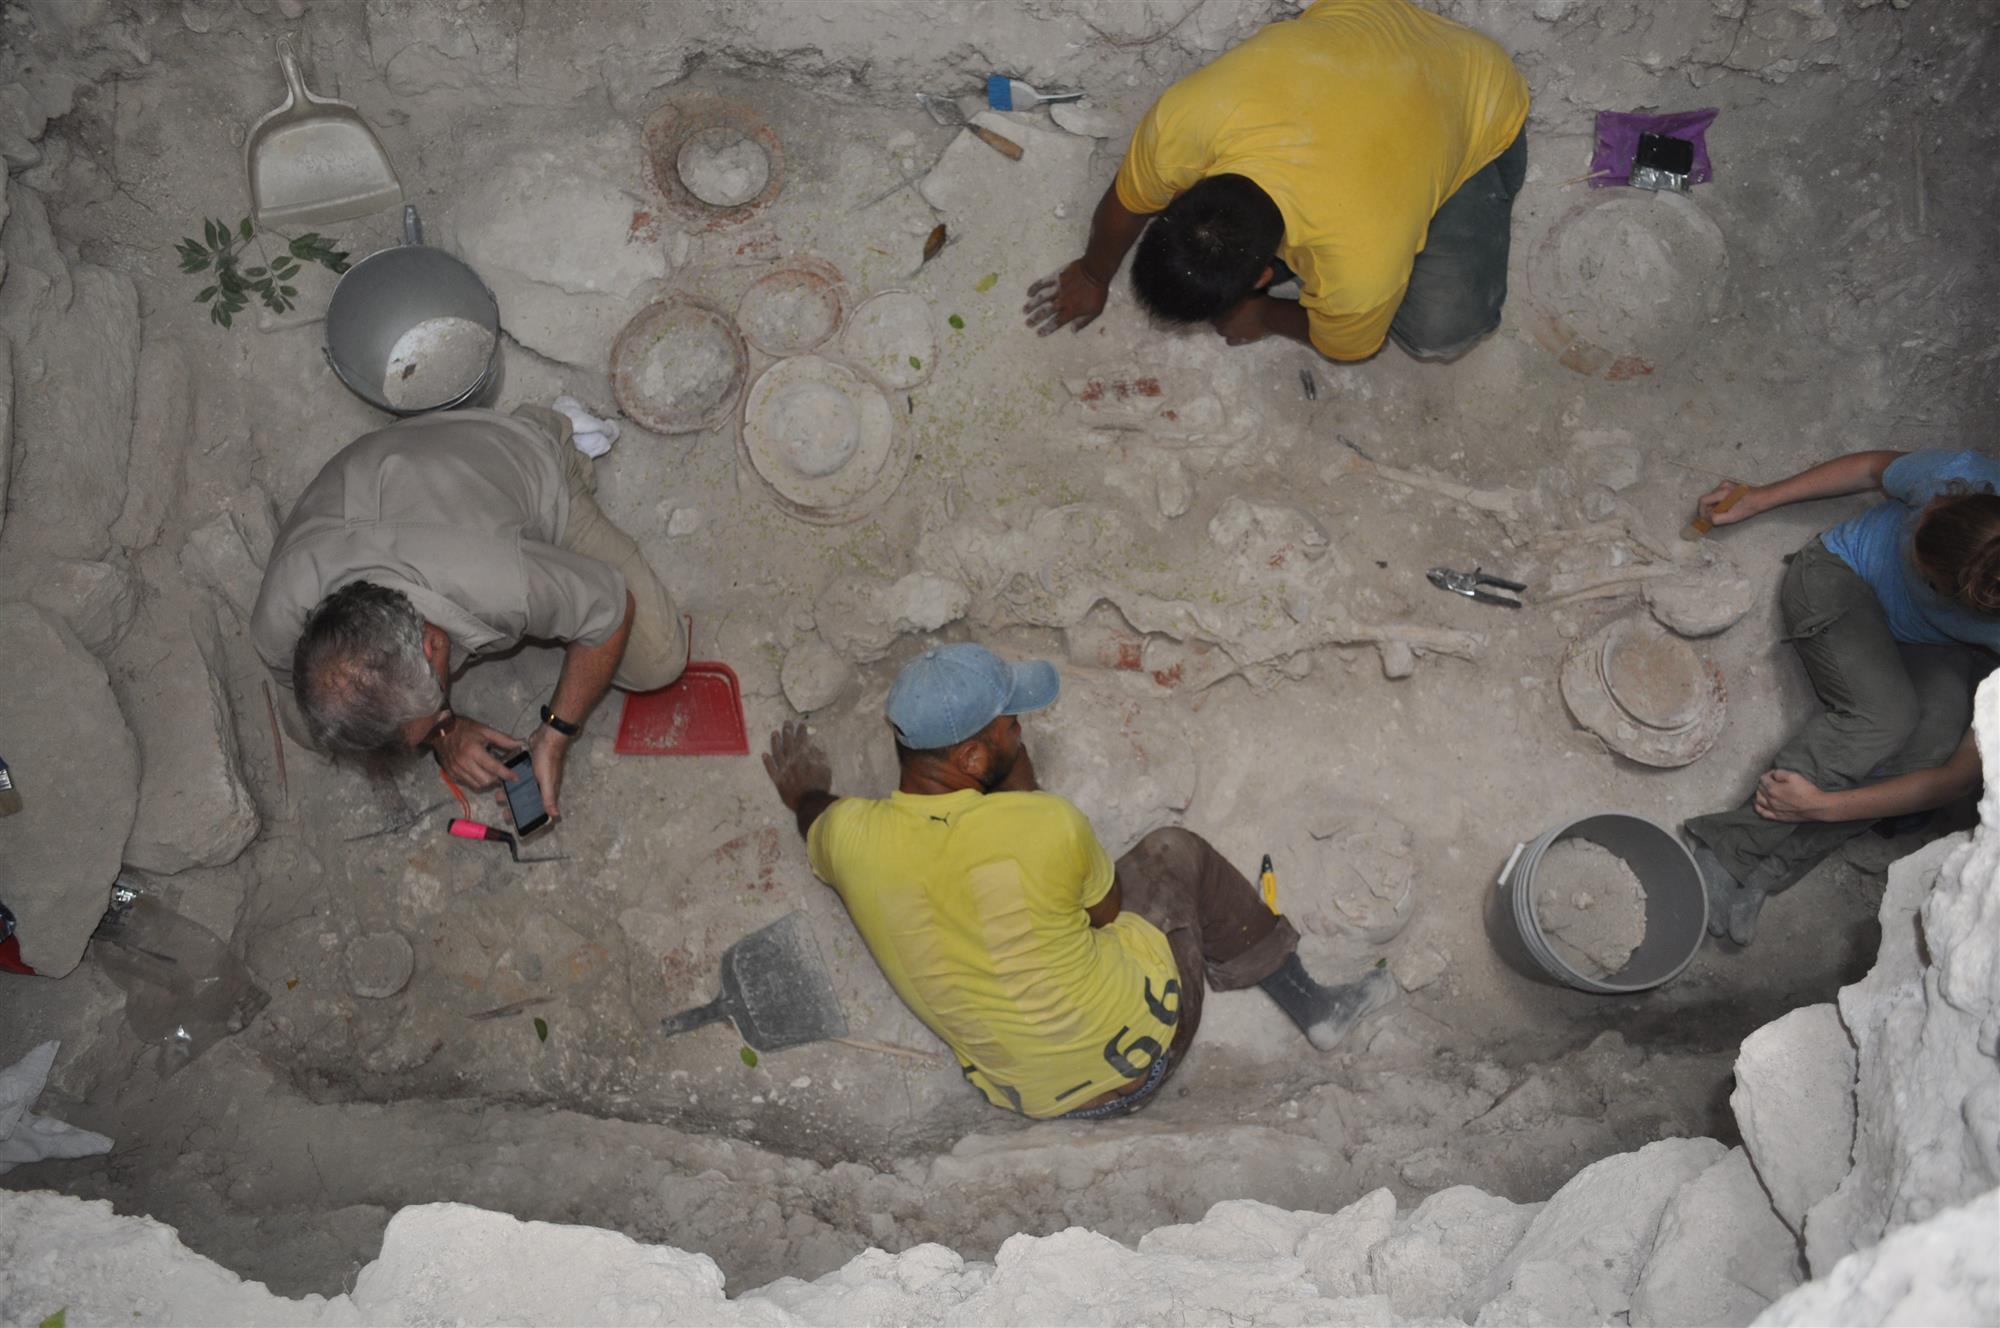 Hallan una de las mayores tumbas mayas jamás descubiertas